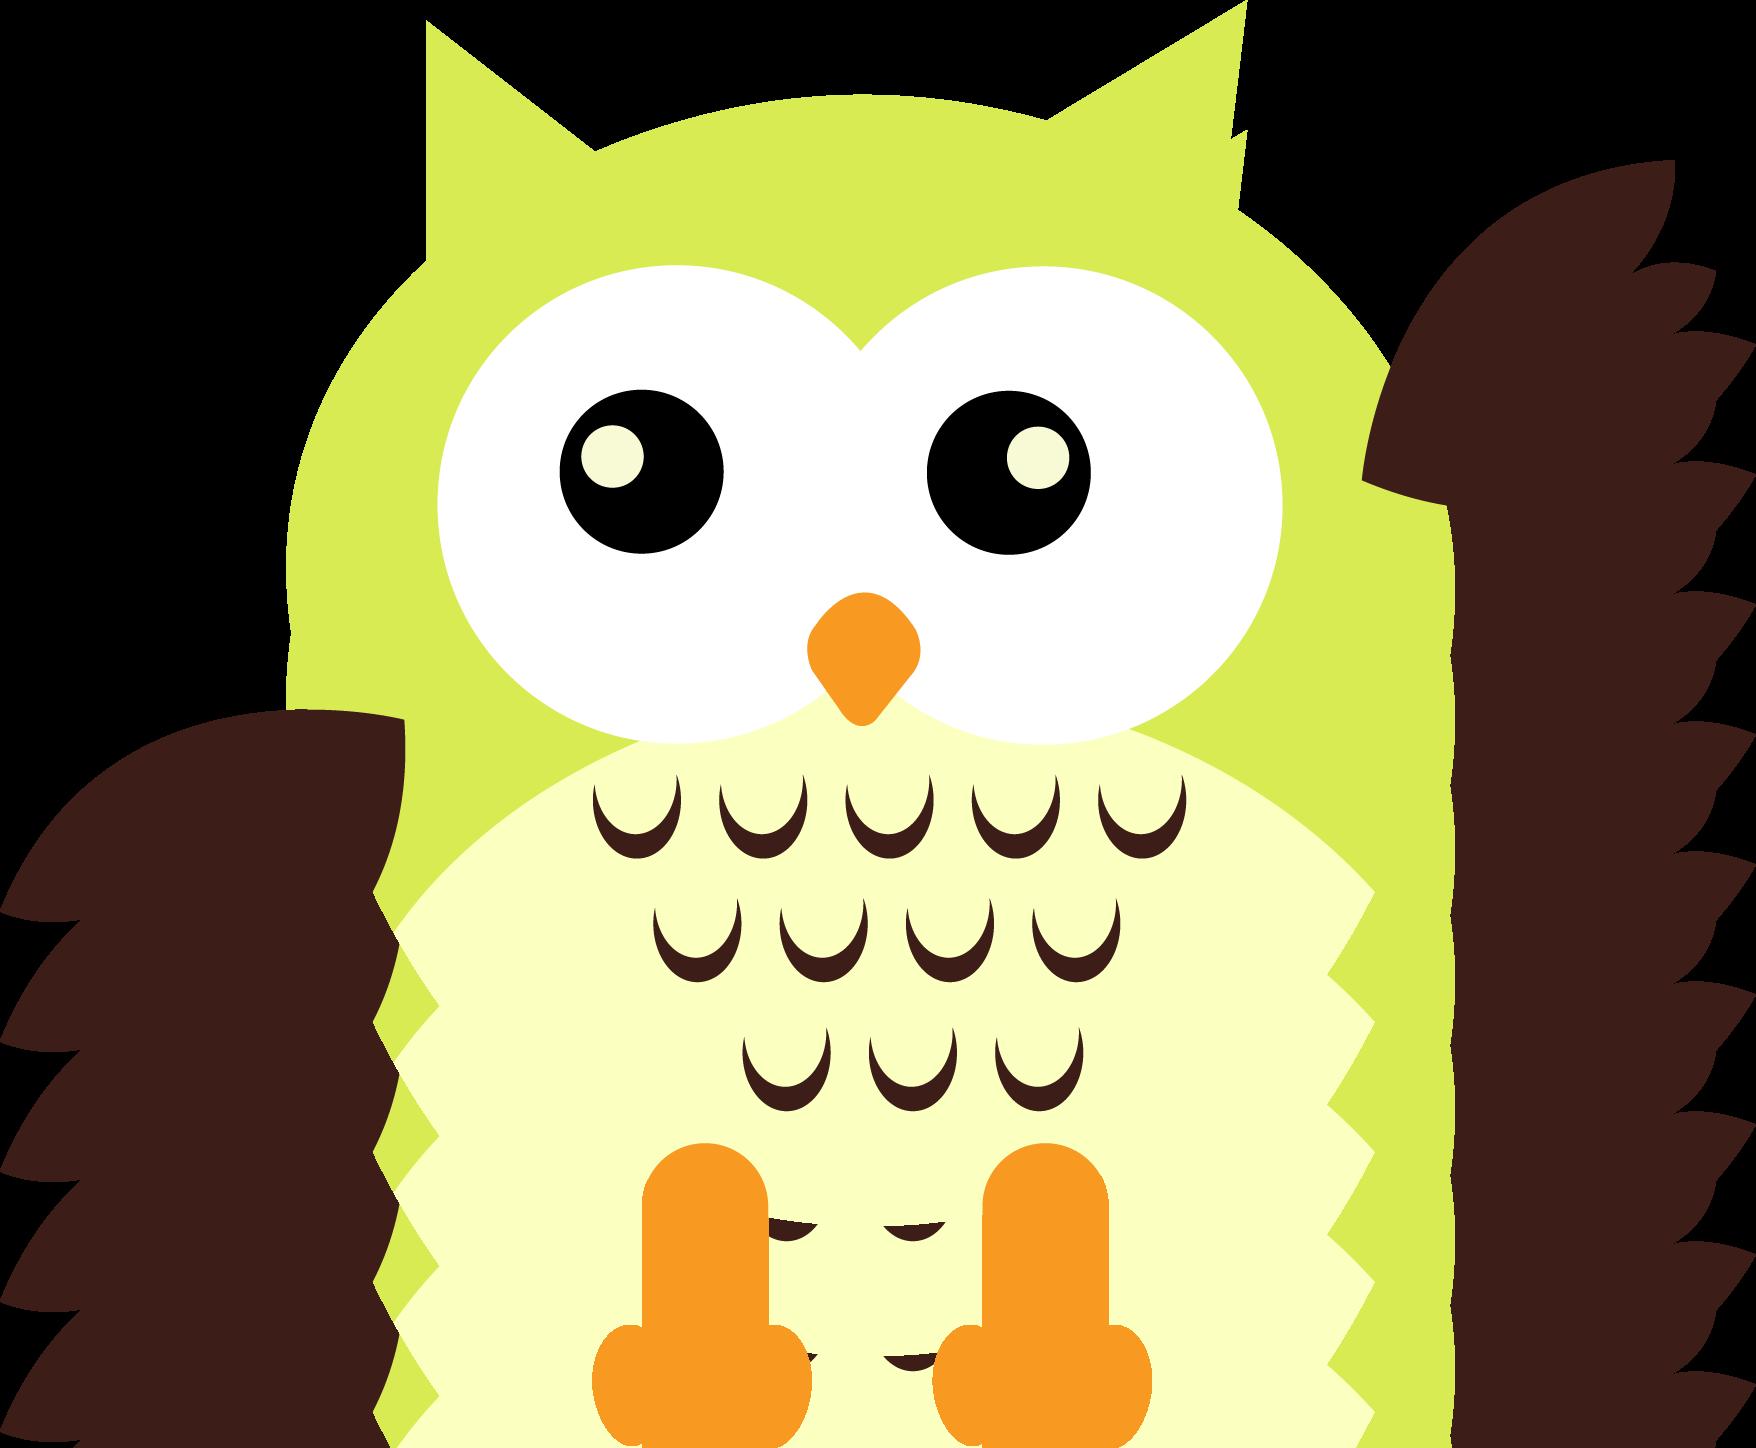 Download Free Owl Clipart ICON favicon.